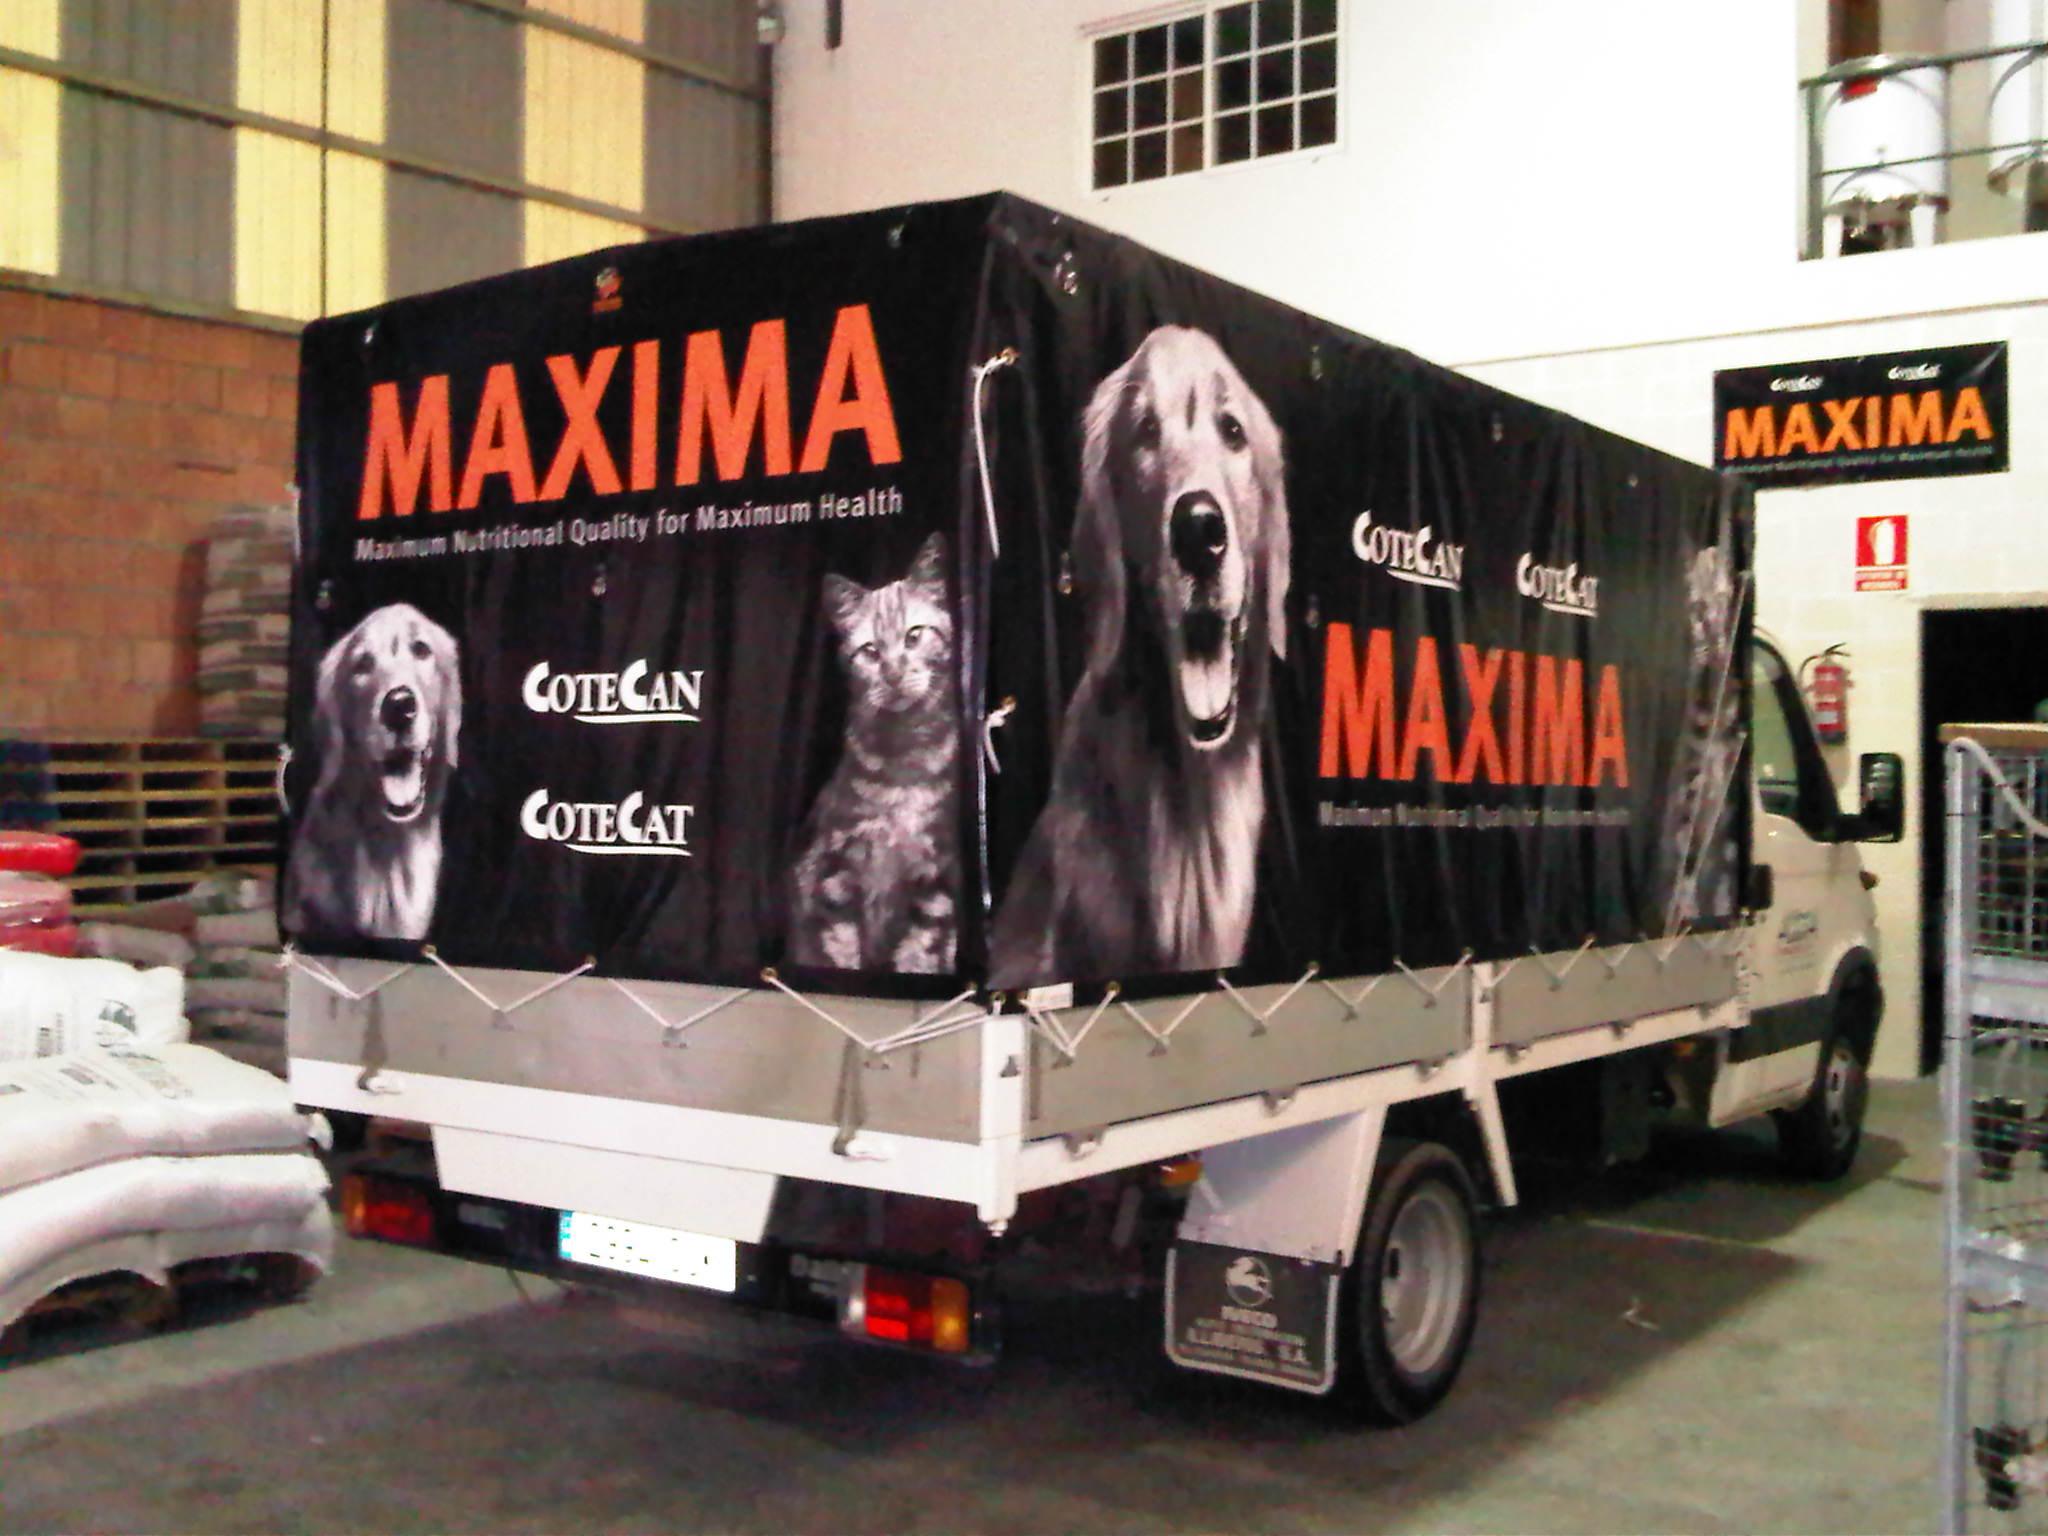 Toldos camion segunda mano materiales de construcci n for Toldos segunda mano